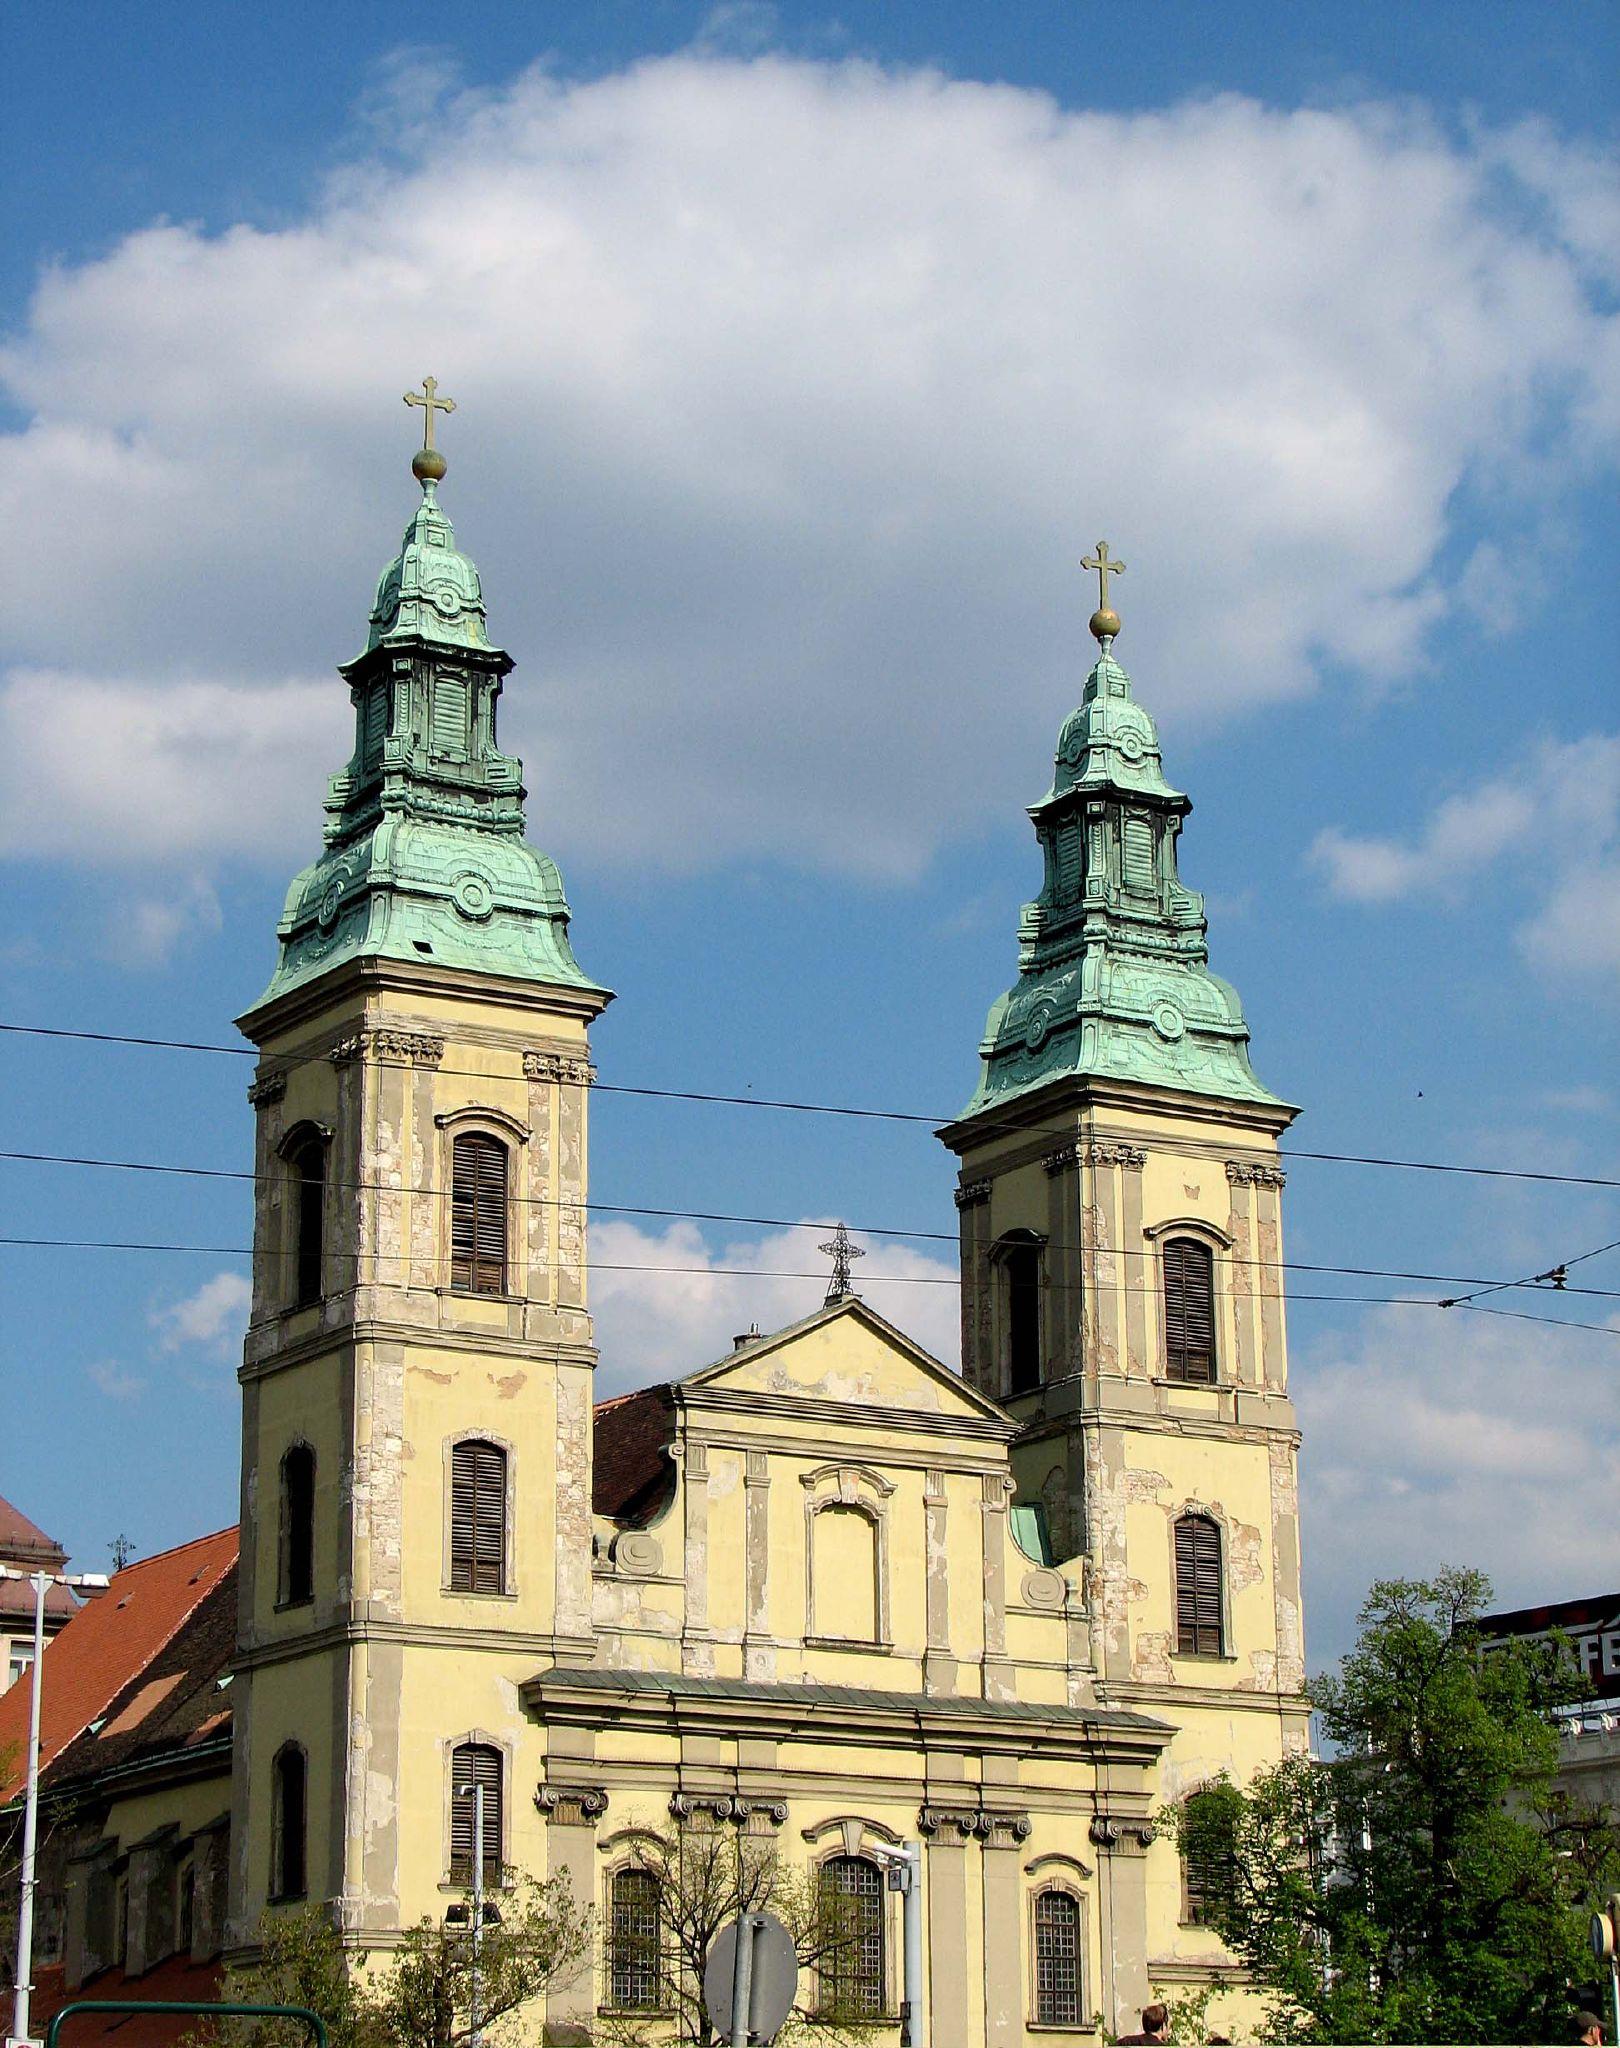 File:Inner City Parish Church 01 (2474937041).jpg - Wikimedia Commons